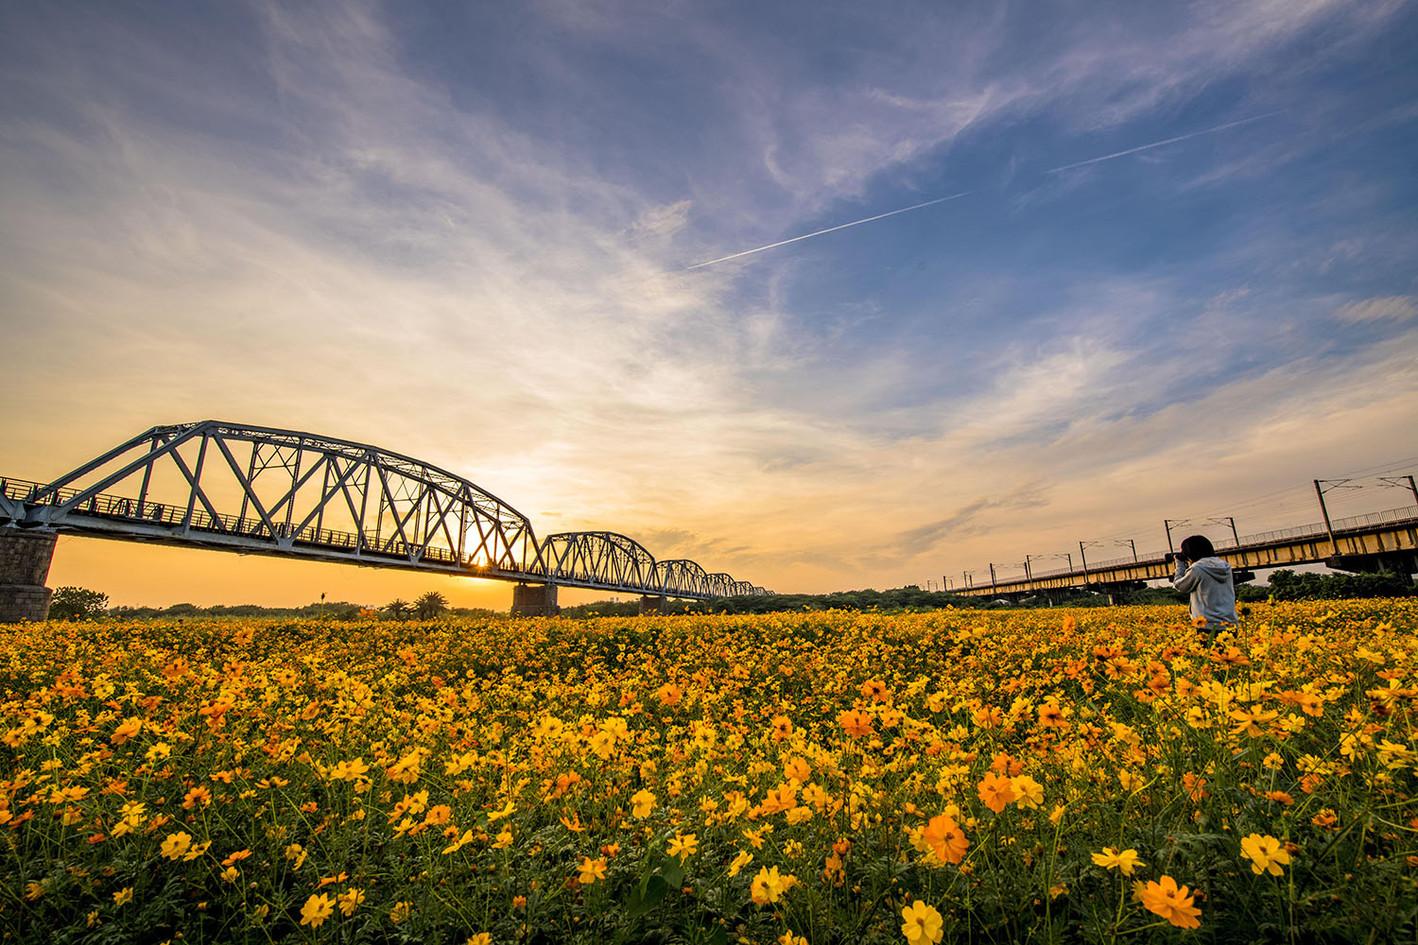 黃榮群-黃波斯菊-下淡水溪鐵橋